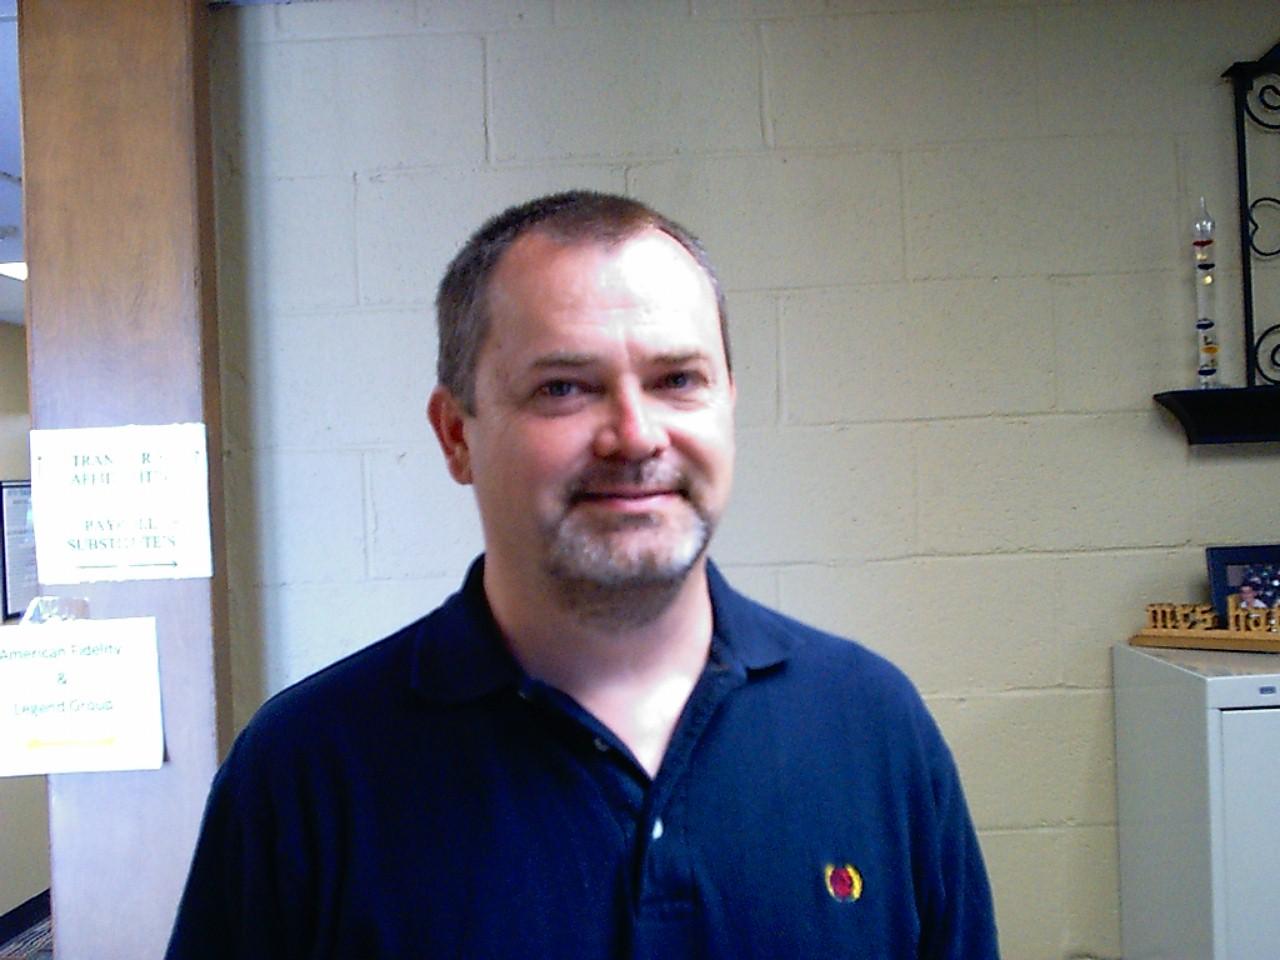 Mr. Perdue